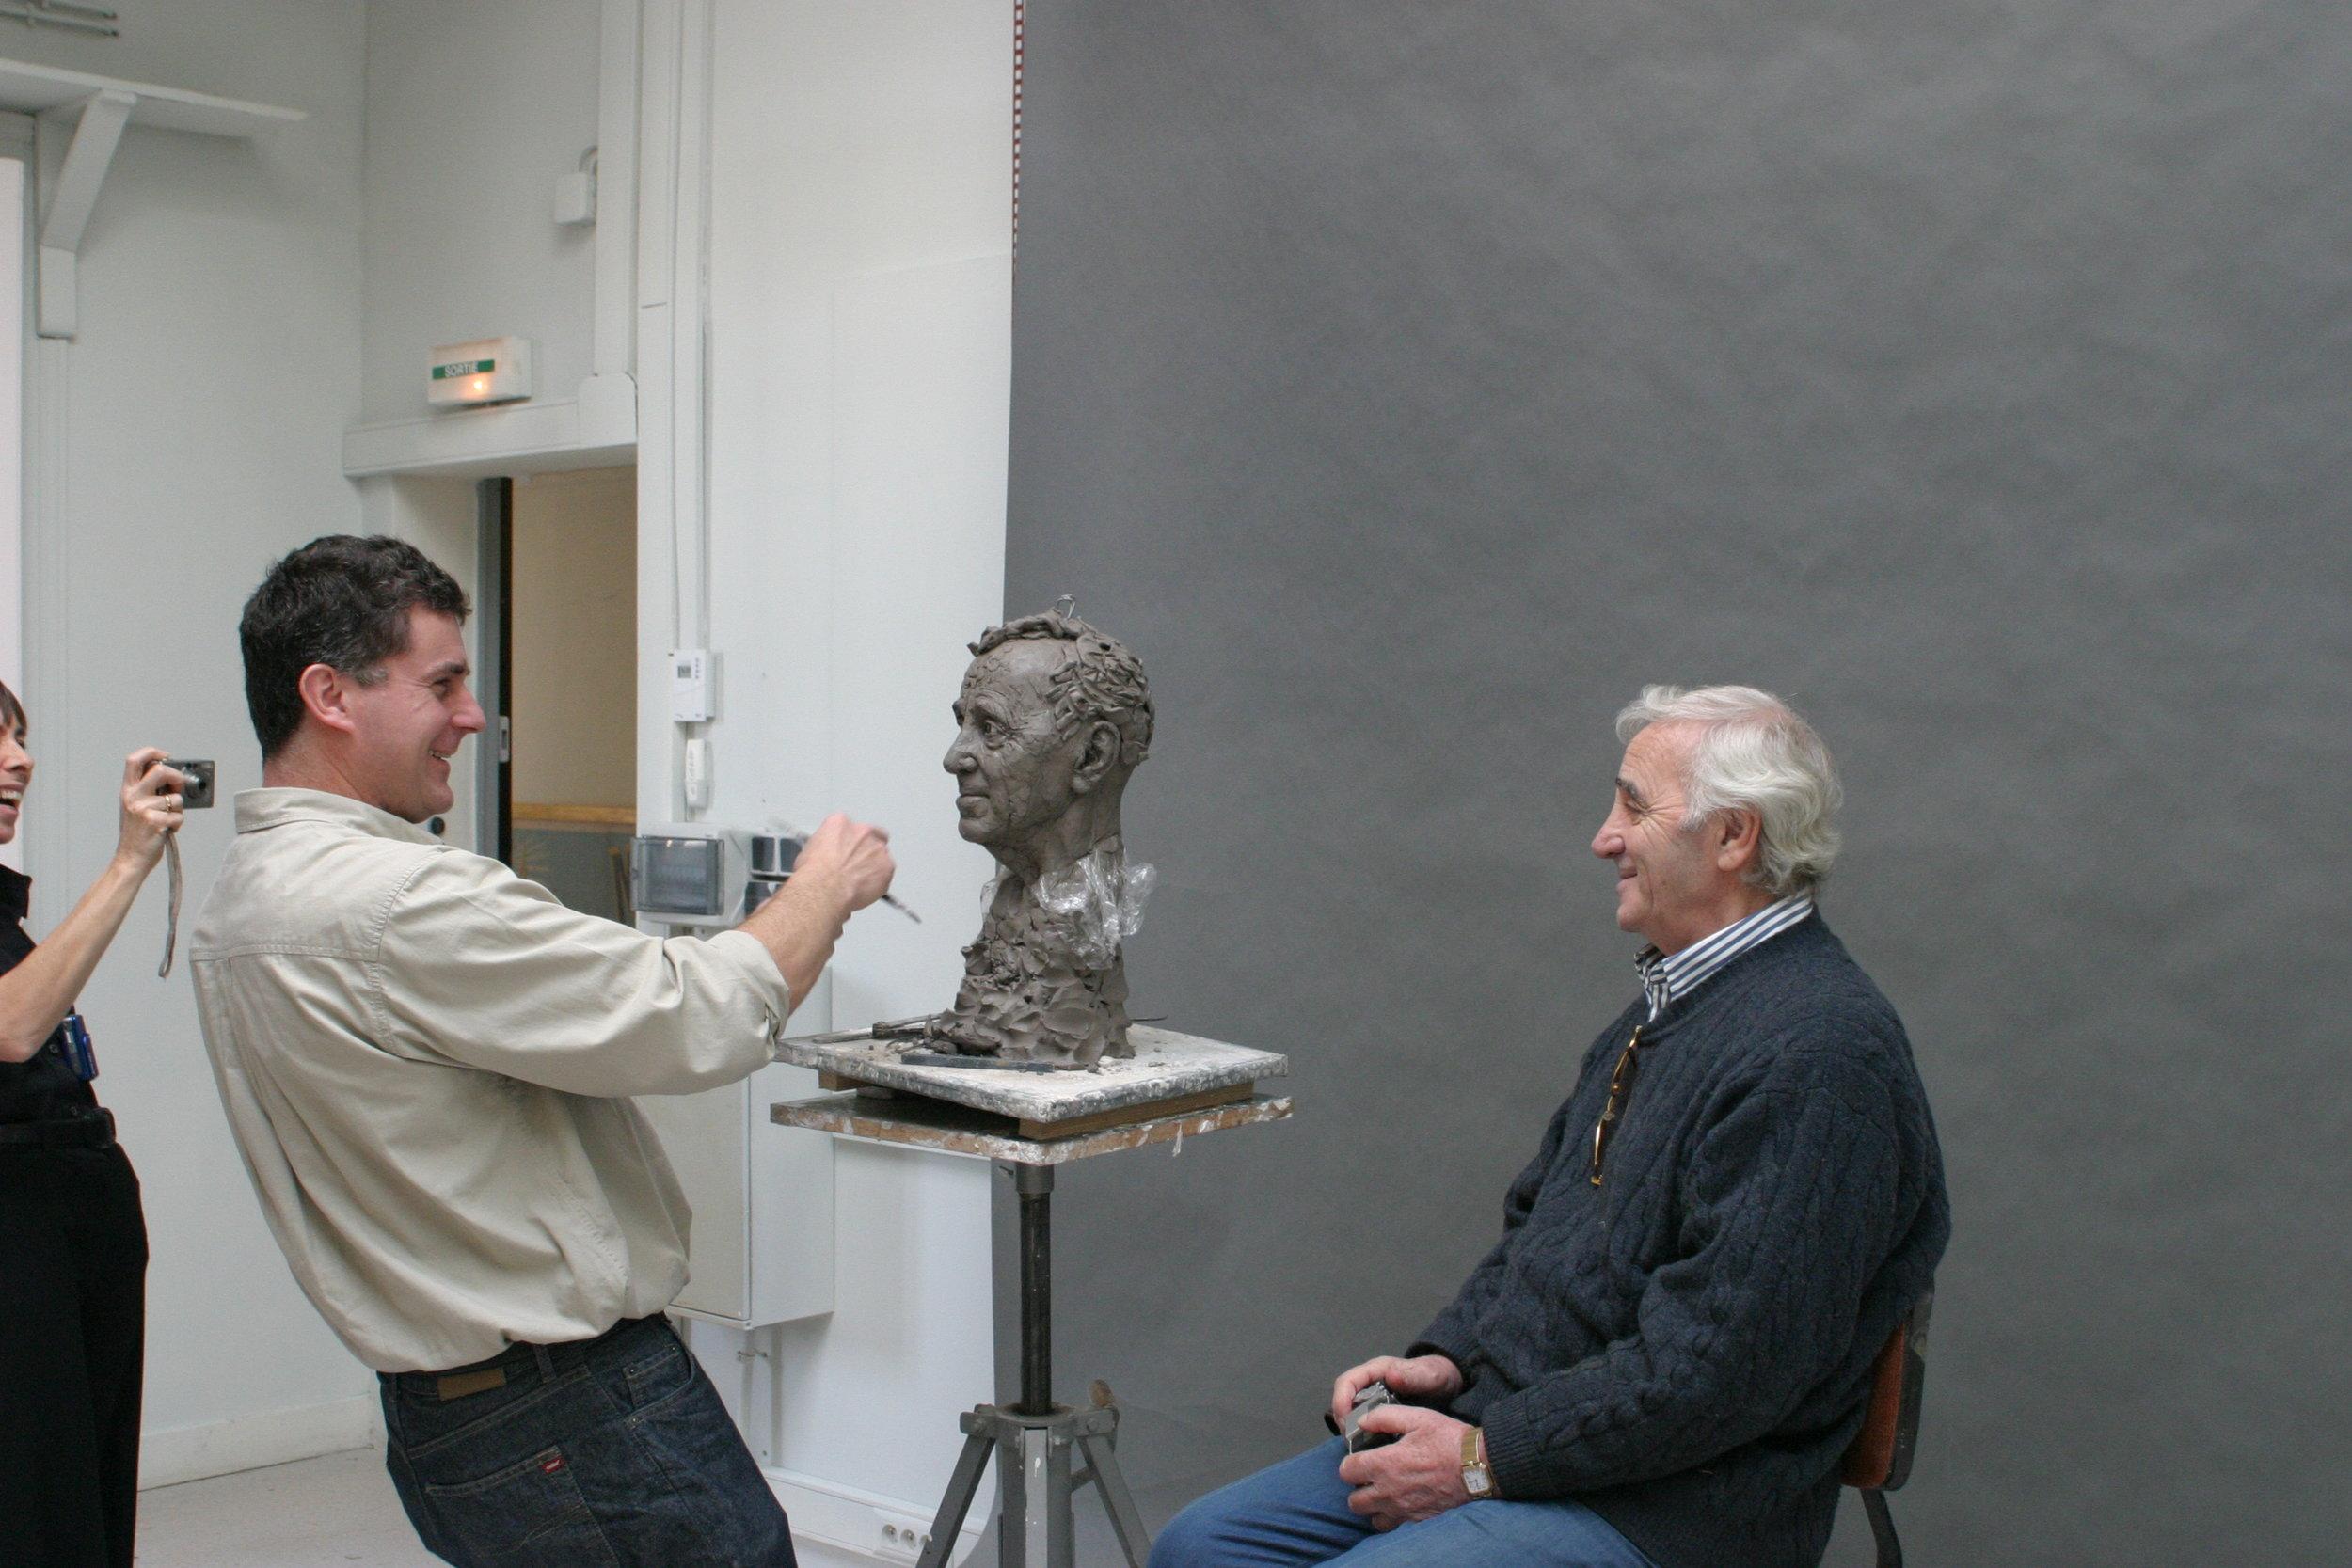 Charles Aznavour, la sculpture et le sculpteur - Sculpture en terre par Eric Saint Chaffray - Credit Musée Grévin